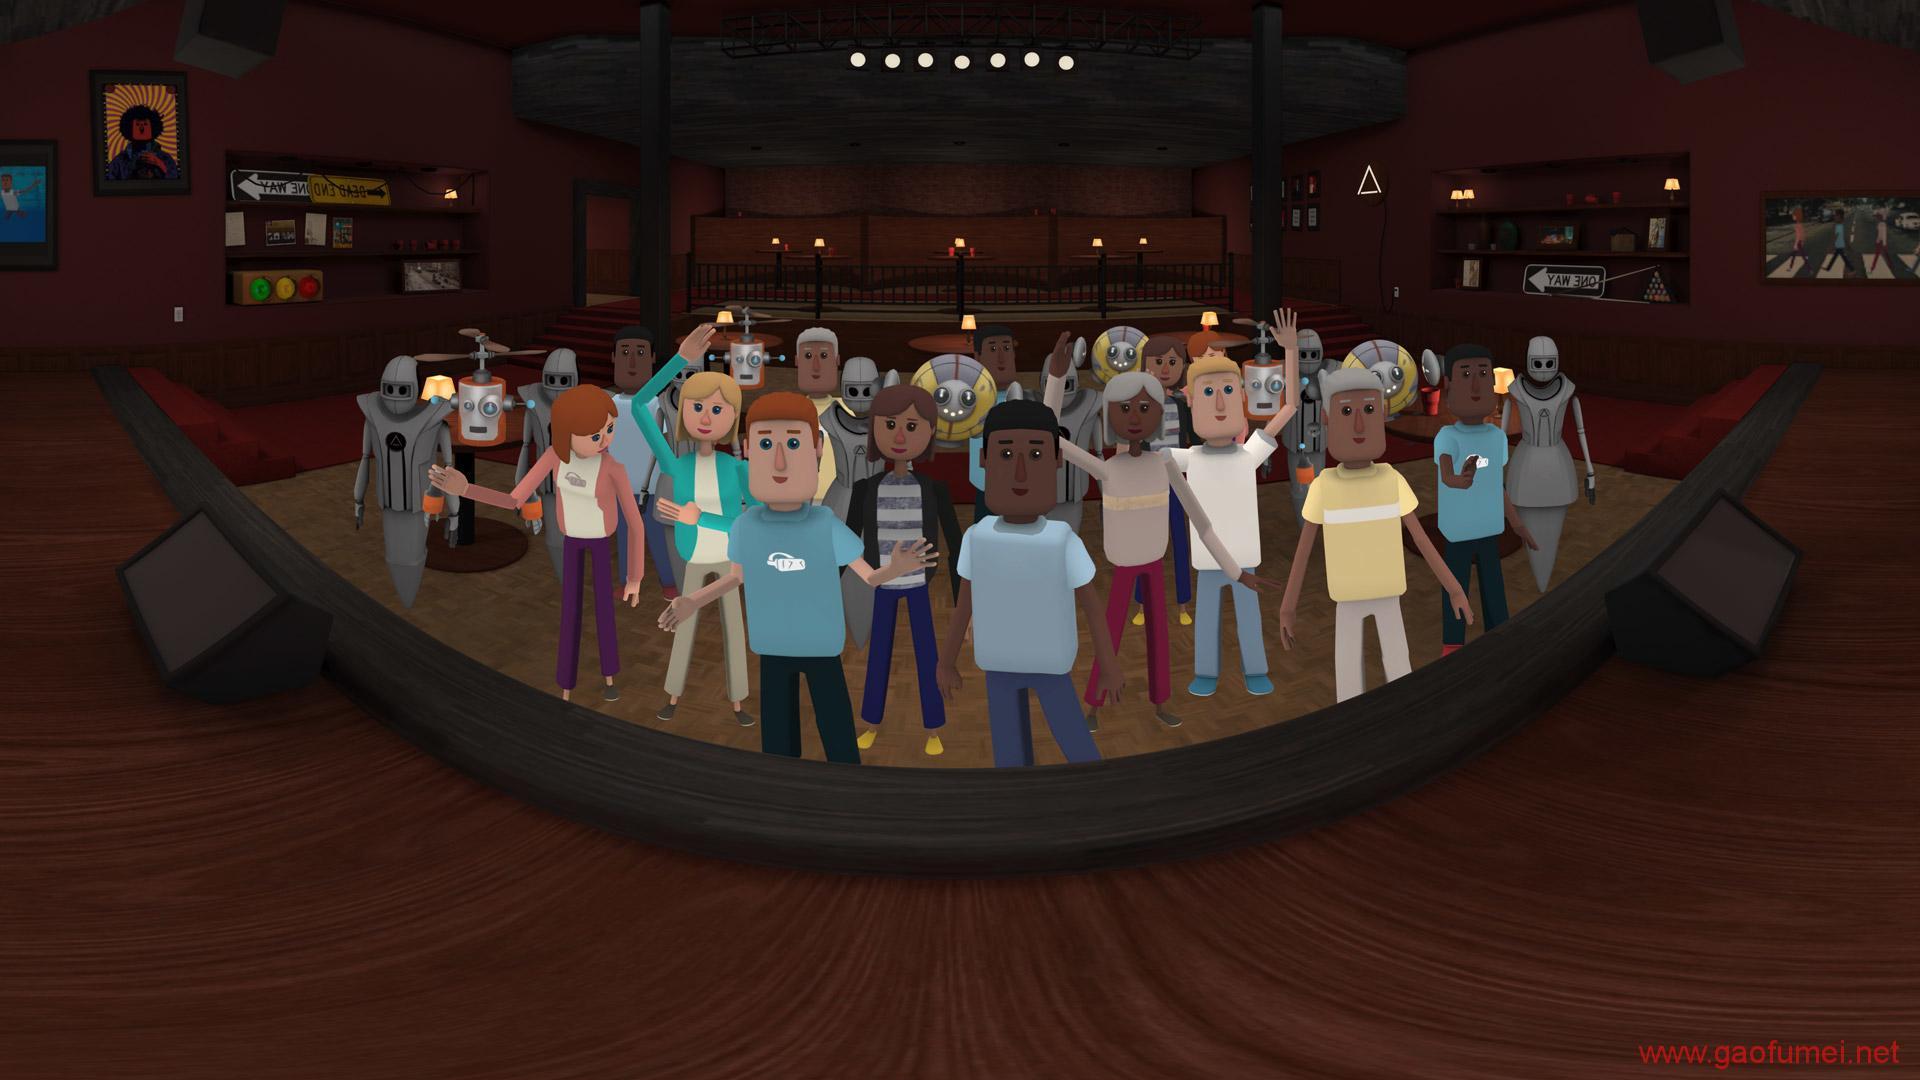 微软收购 VR 社交平台 AltspaceVR将打造混合现实社交平台